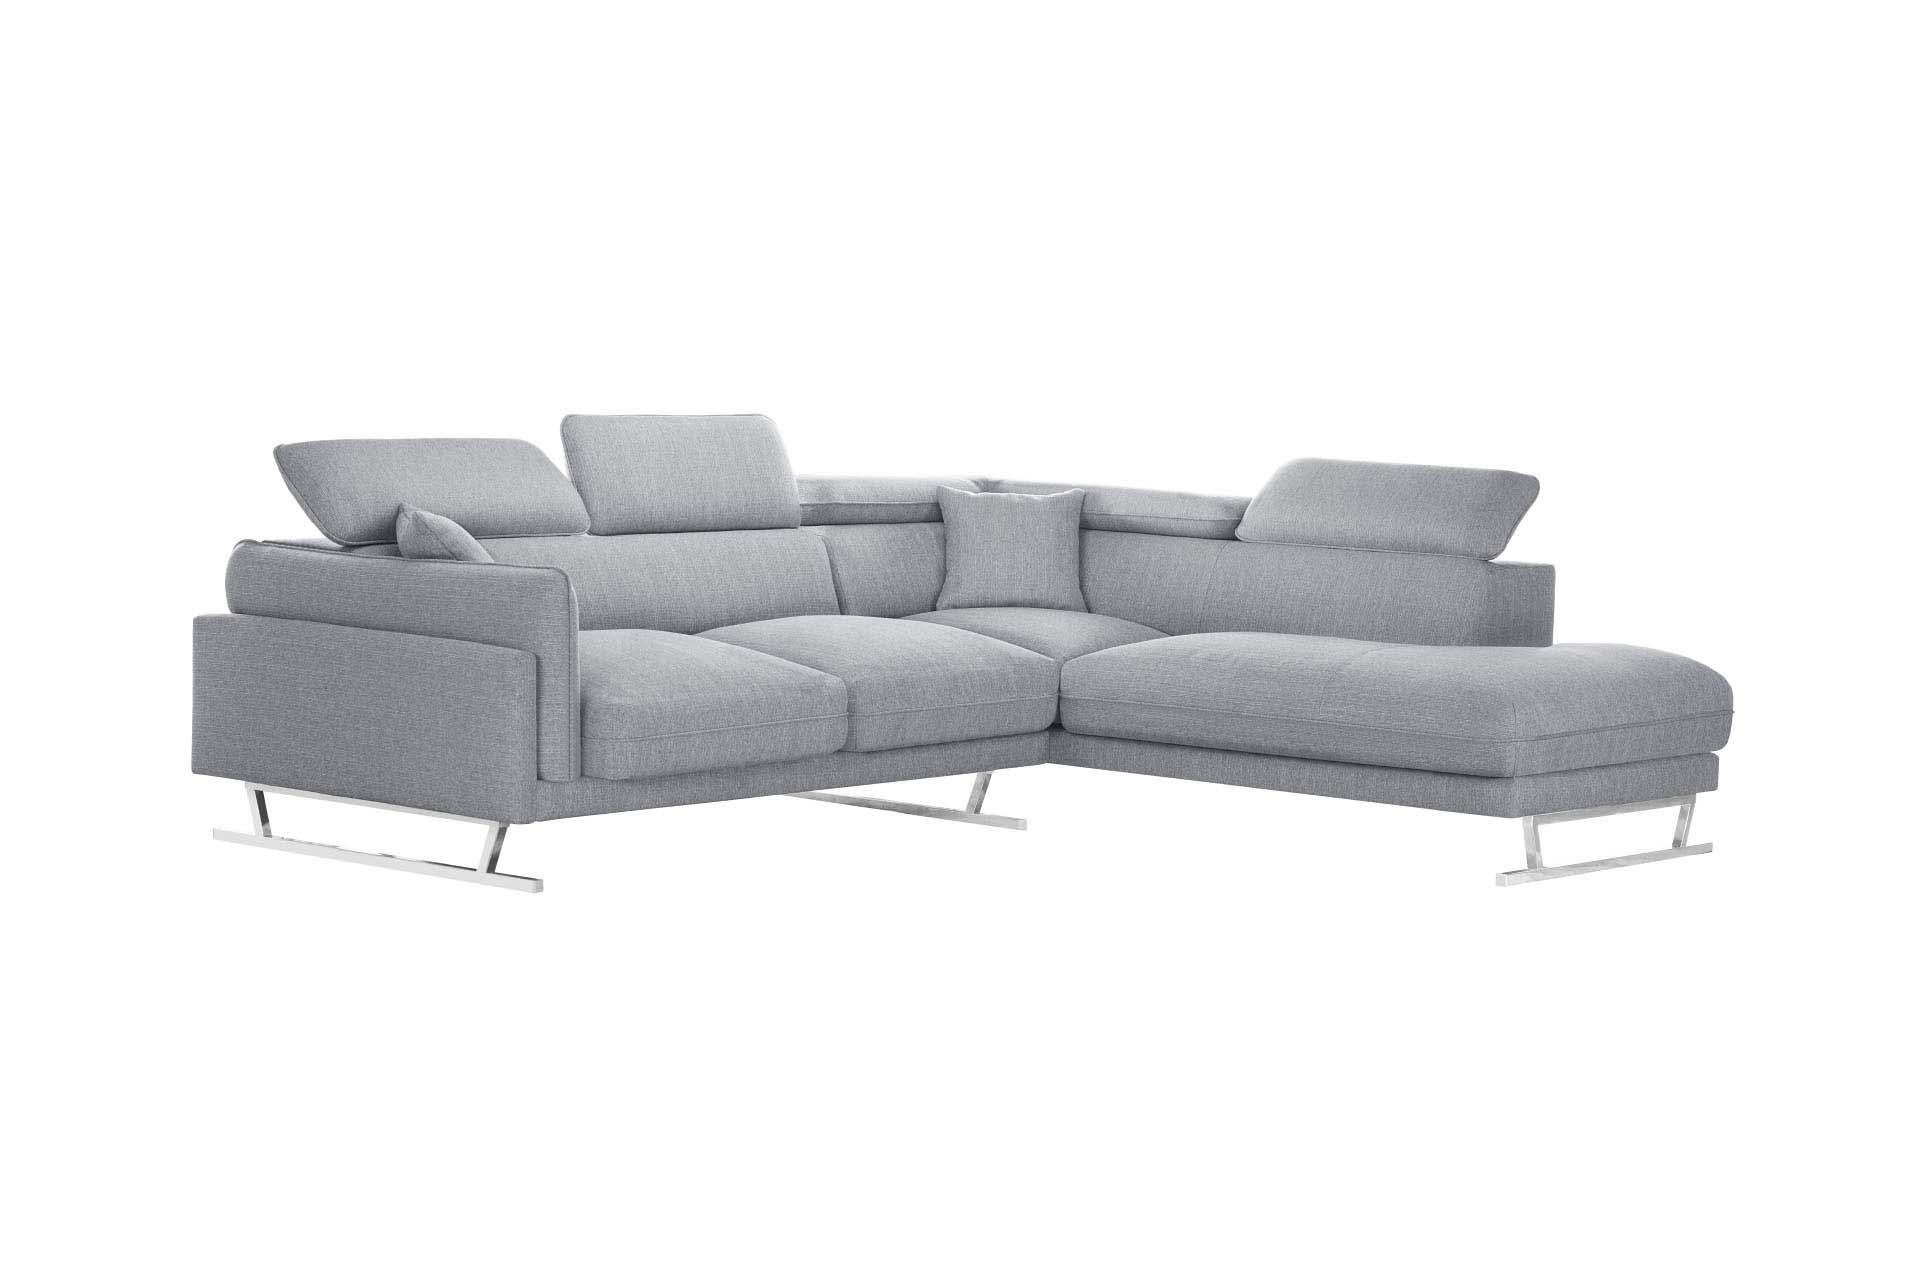 Canapé d'angle 6 places Gris Tissu Luxe Design Confort